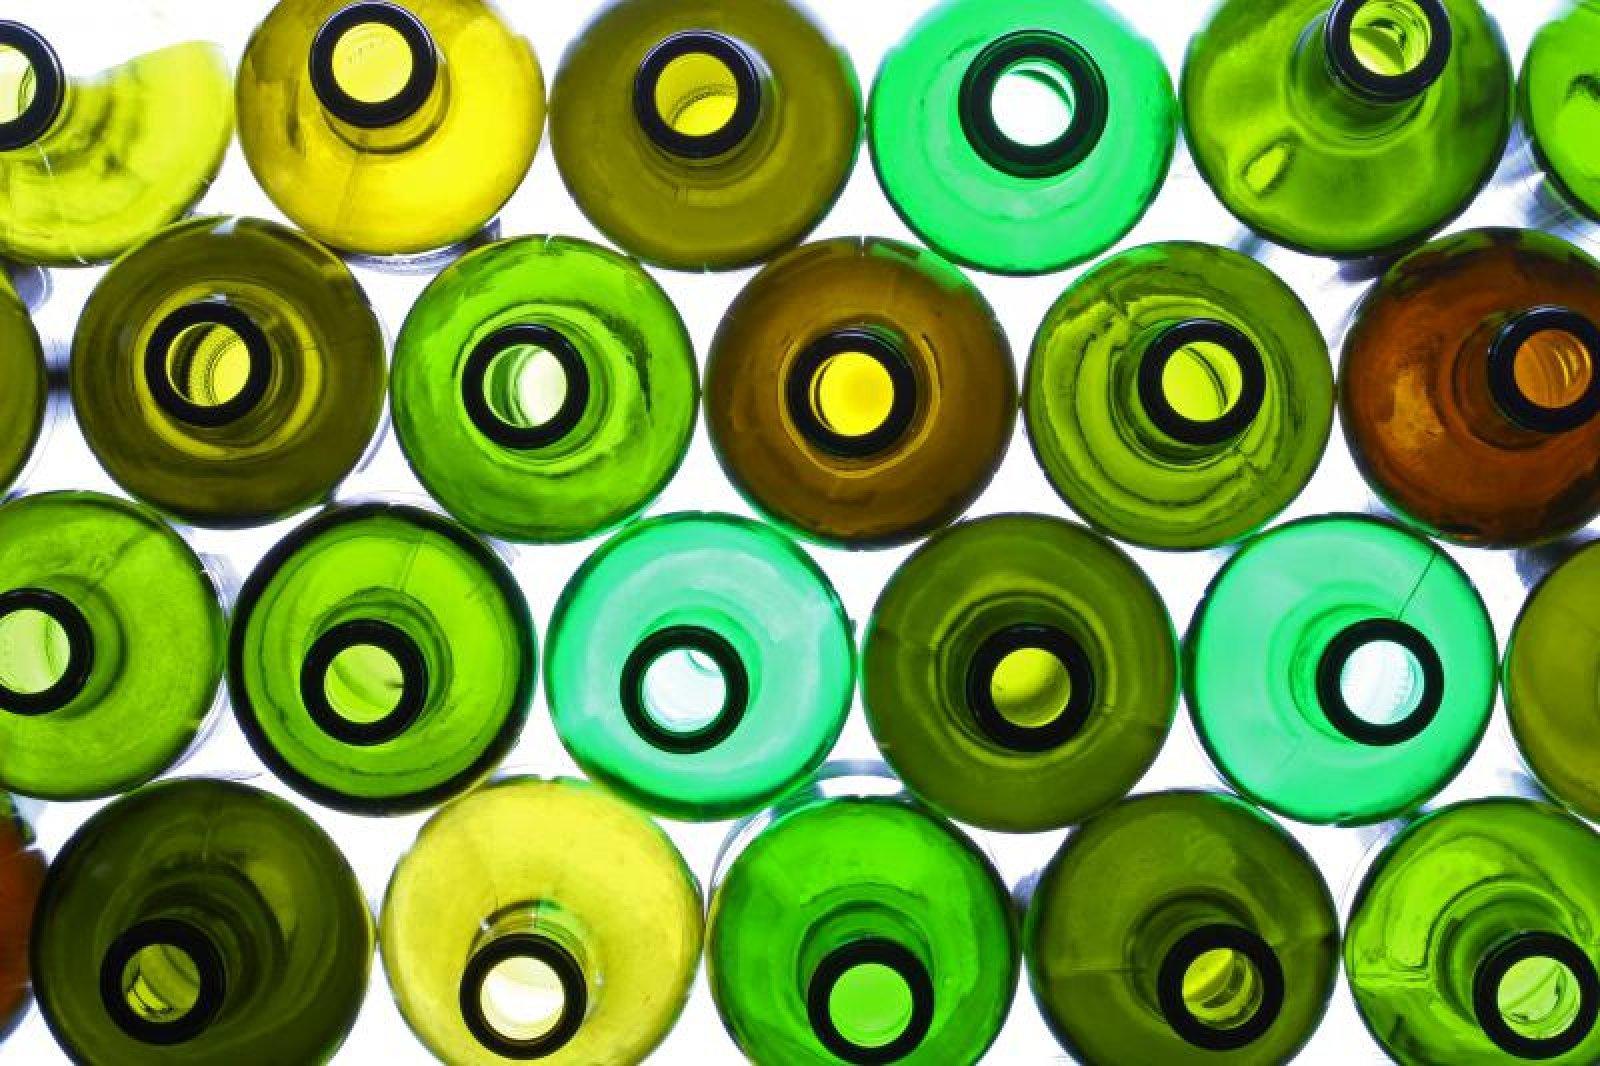 ReWine promou la reutilització de les ampolles de vidre, sobretot al sector vitivinícola